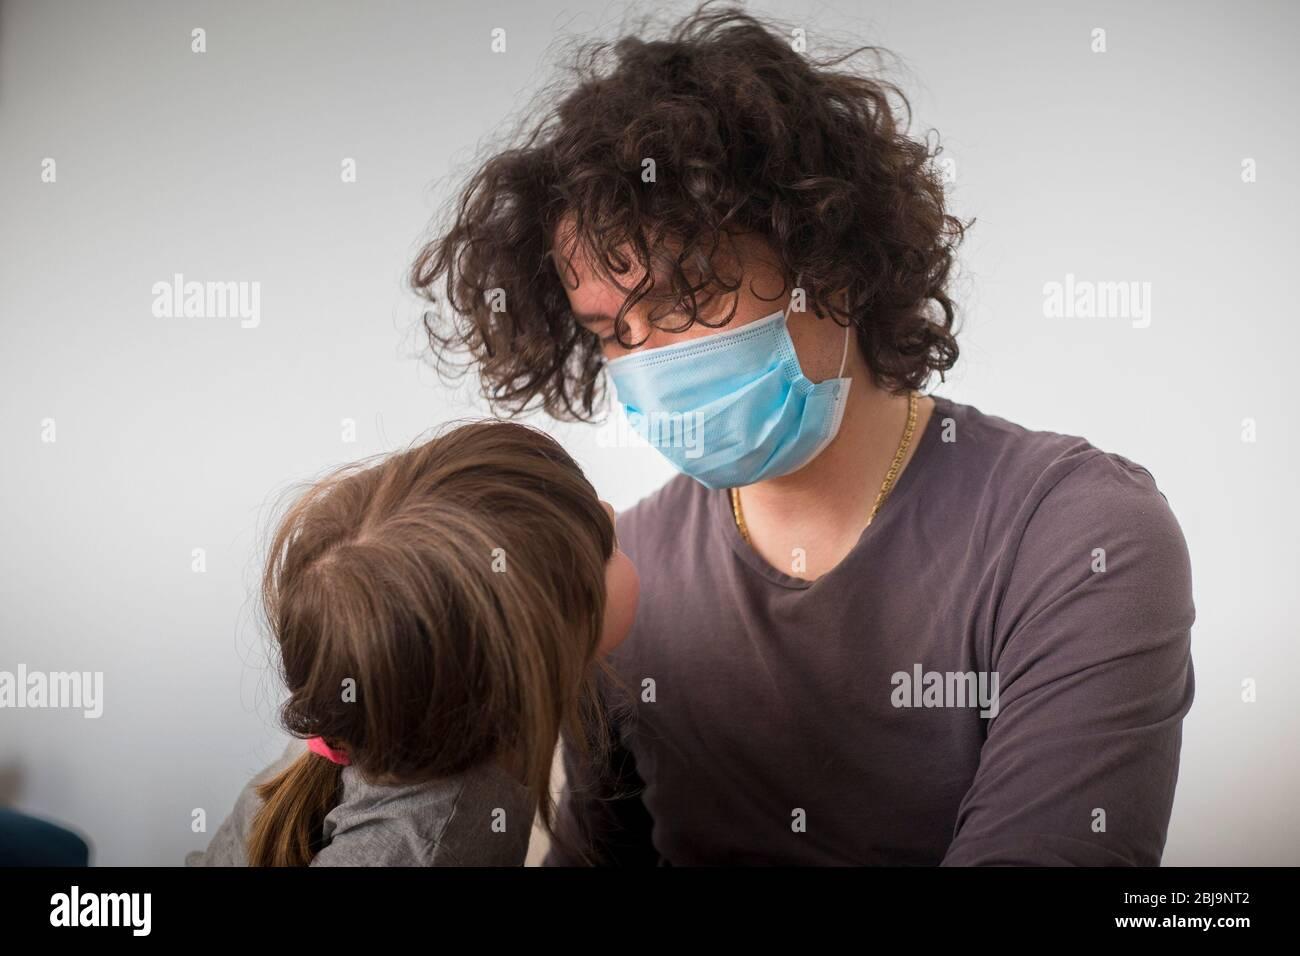 Père caucasien, portant un masque facial pour éviter la contagion, plaisantant avec la fille d'enfant pendant le verrouillage de la pandémie de covid-19. Papa et fille de bébé à la vue proche. Banque D'Images